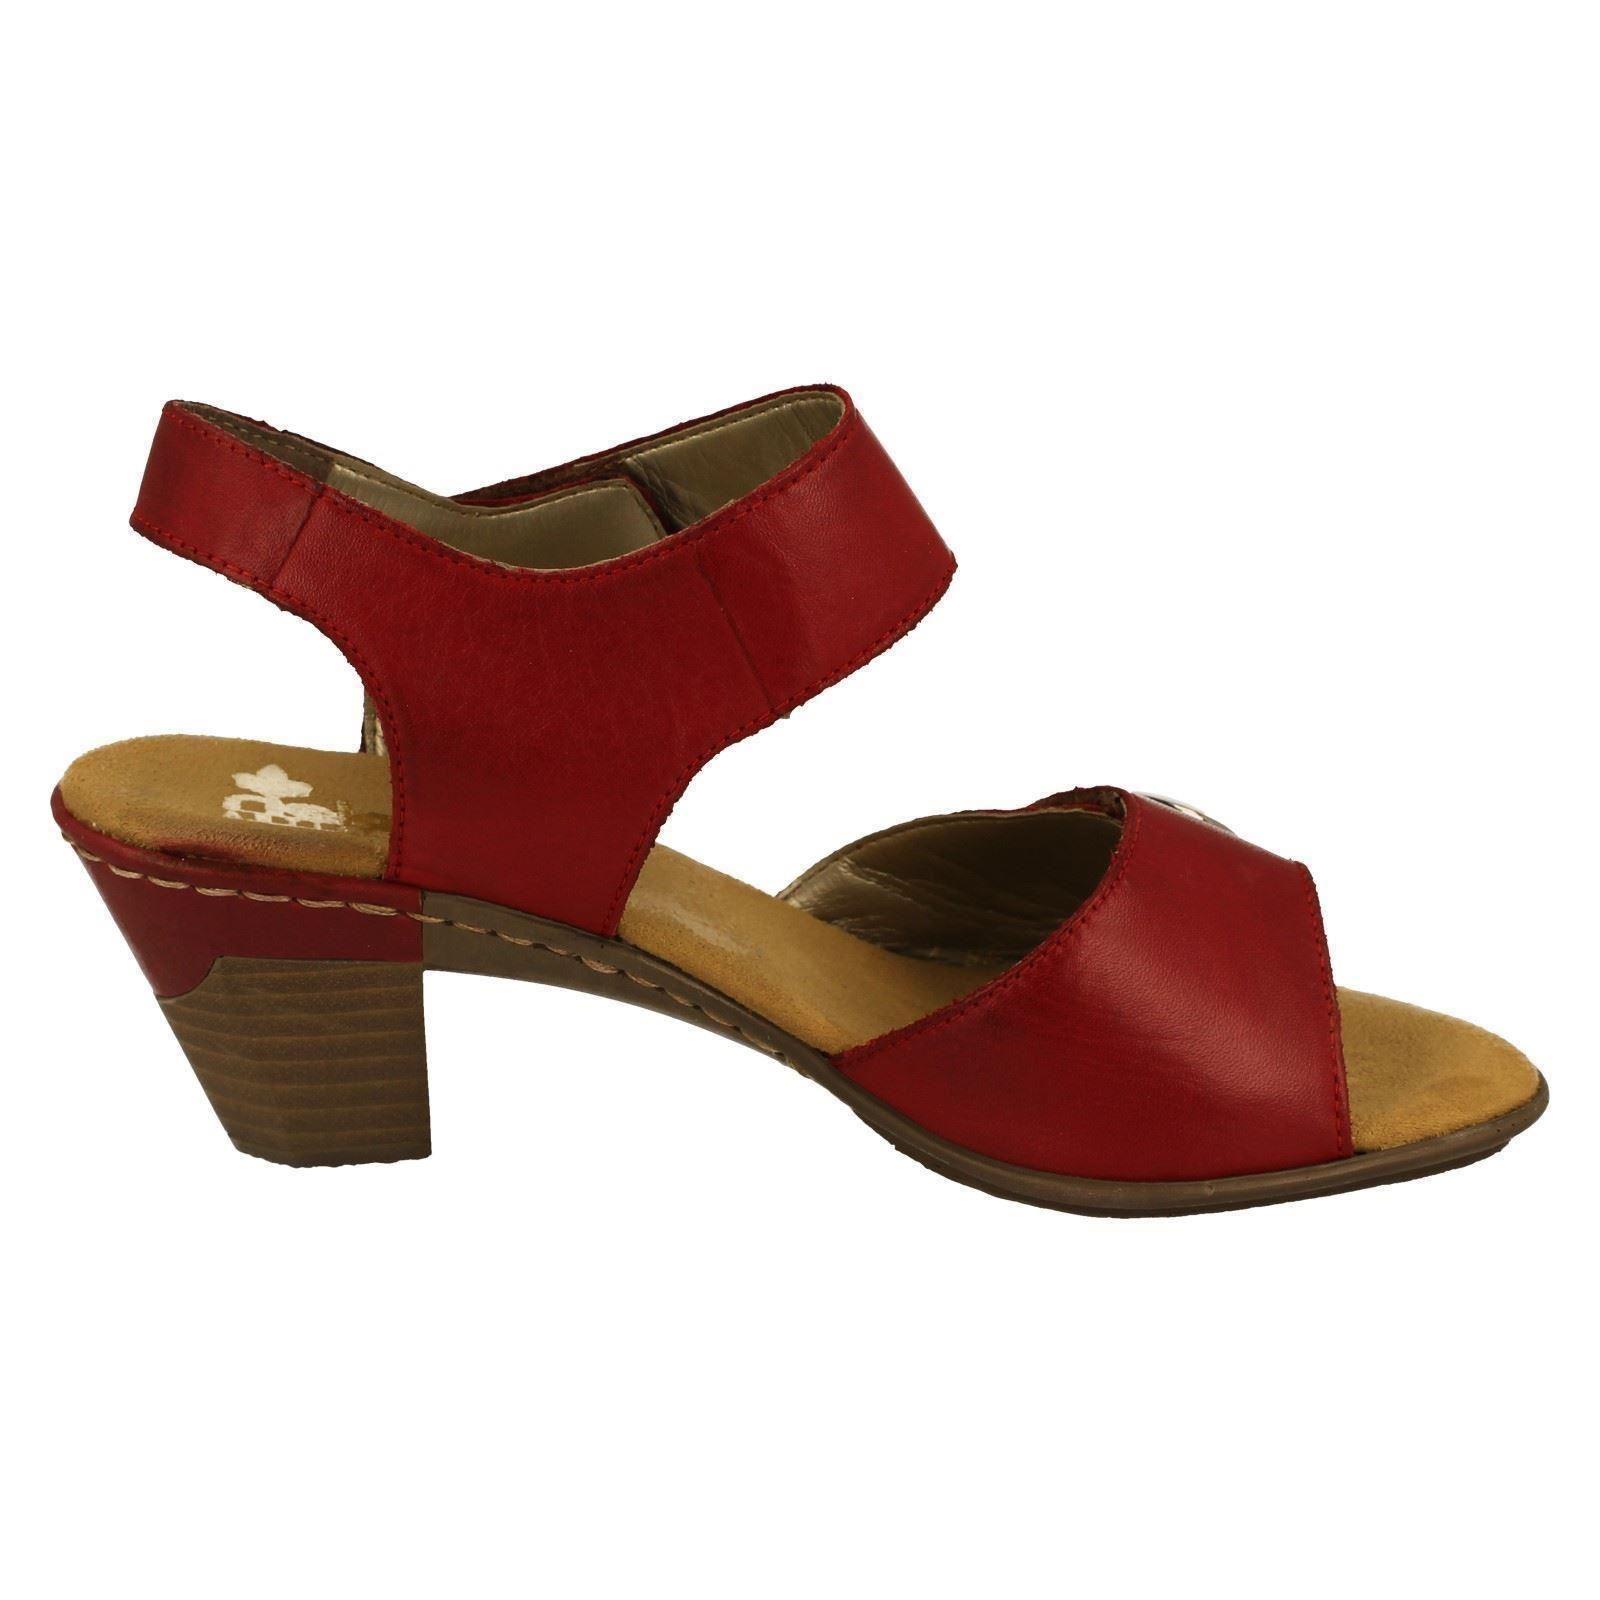 Onorevoli resistenti Clarks Shoes-BUSBY JAZZ Scarpe di bell'aspetto, resistenti Onorevoli e durevoli 252c22